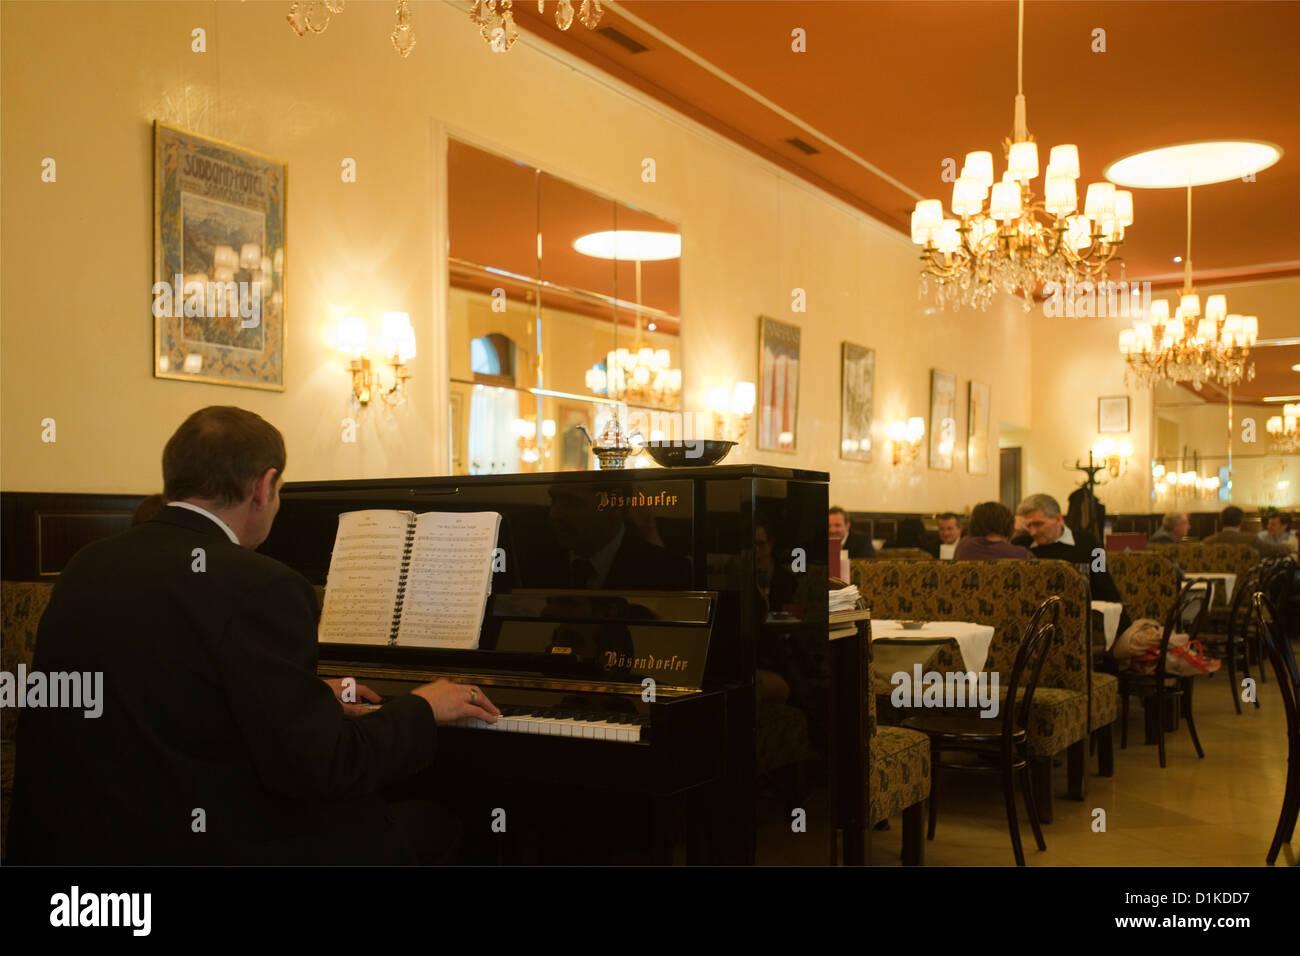 Österrreich, Wien 9, Währinger Straße 68, Café Weimar Stockbild